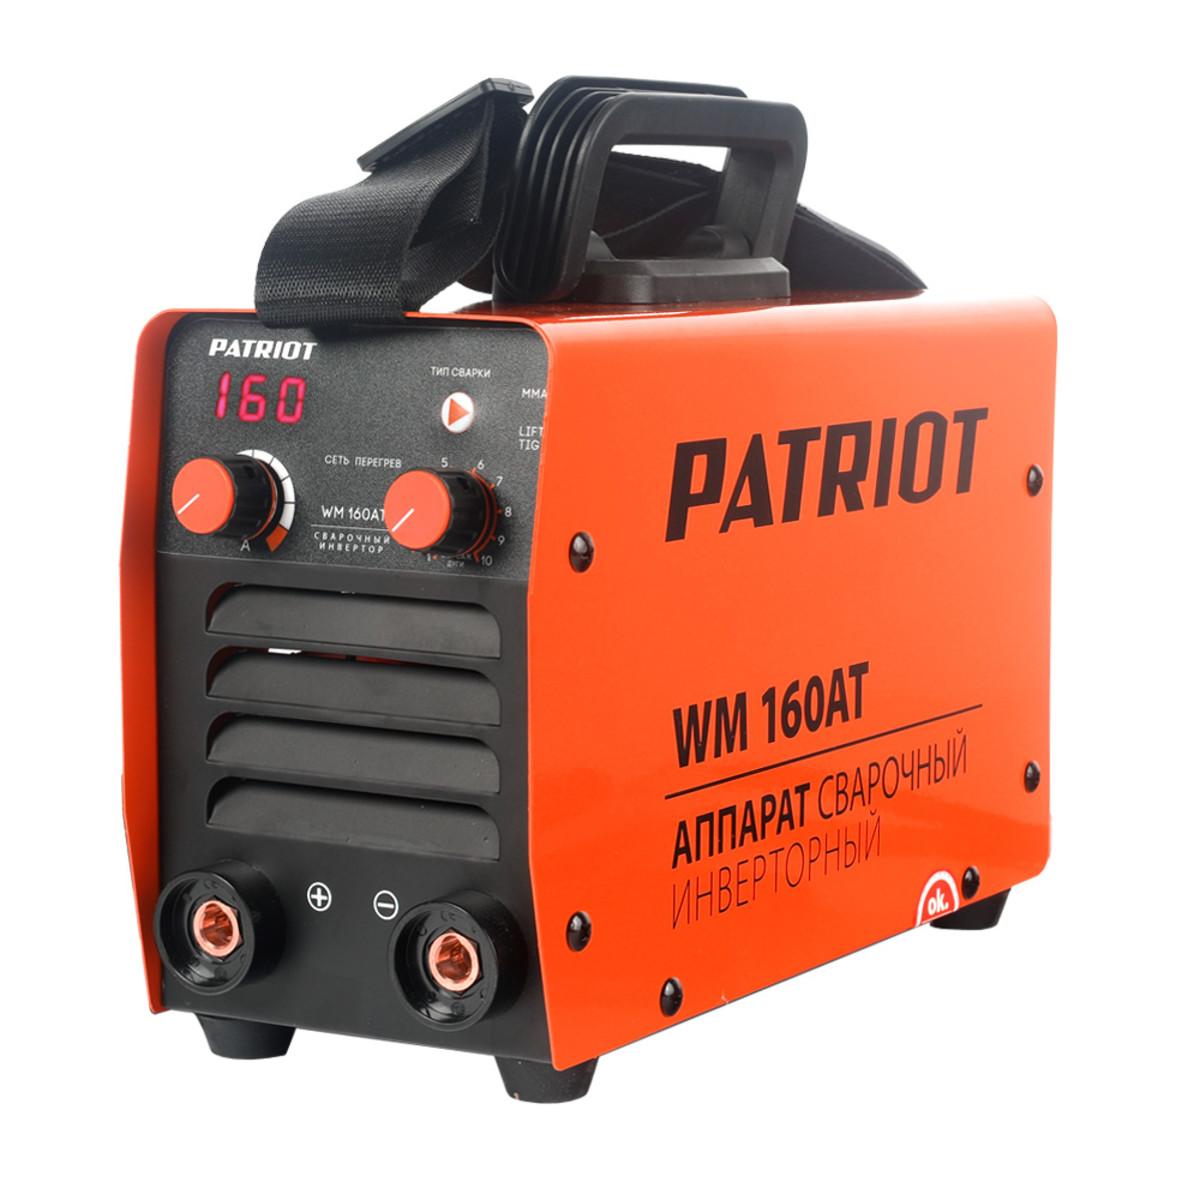 Дуговой Сварочный Инвертор Patriot Wm 160at Mma 605302616